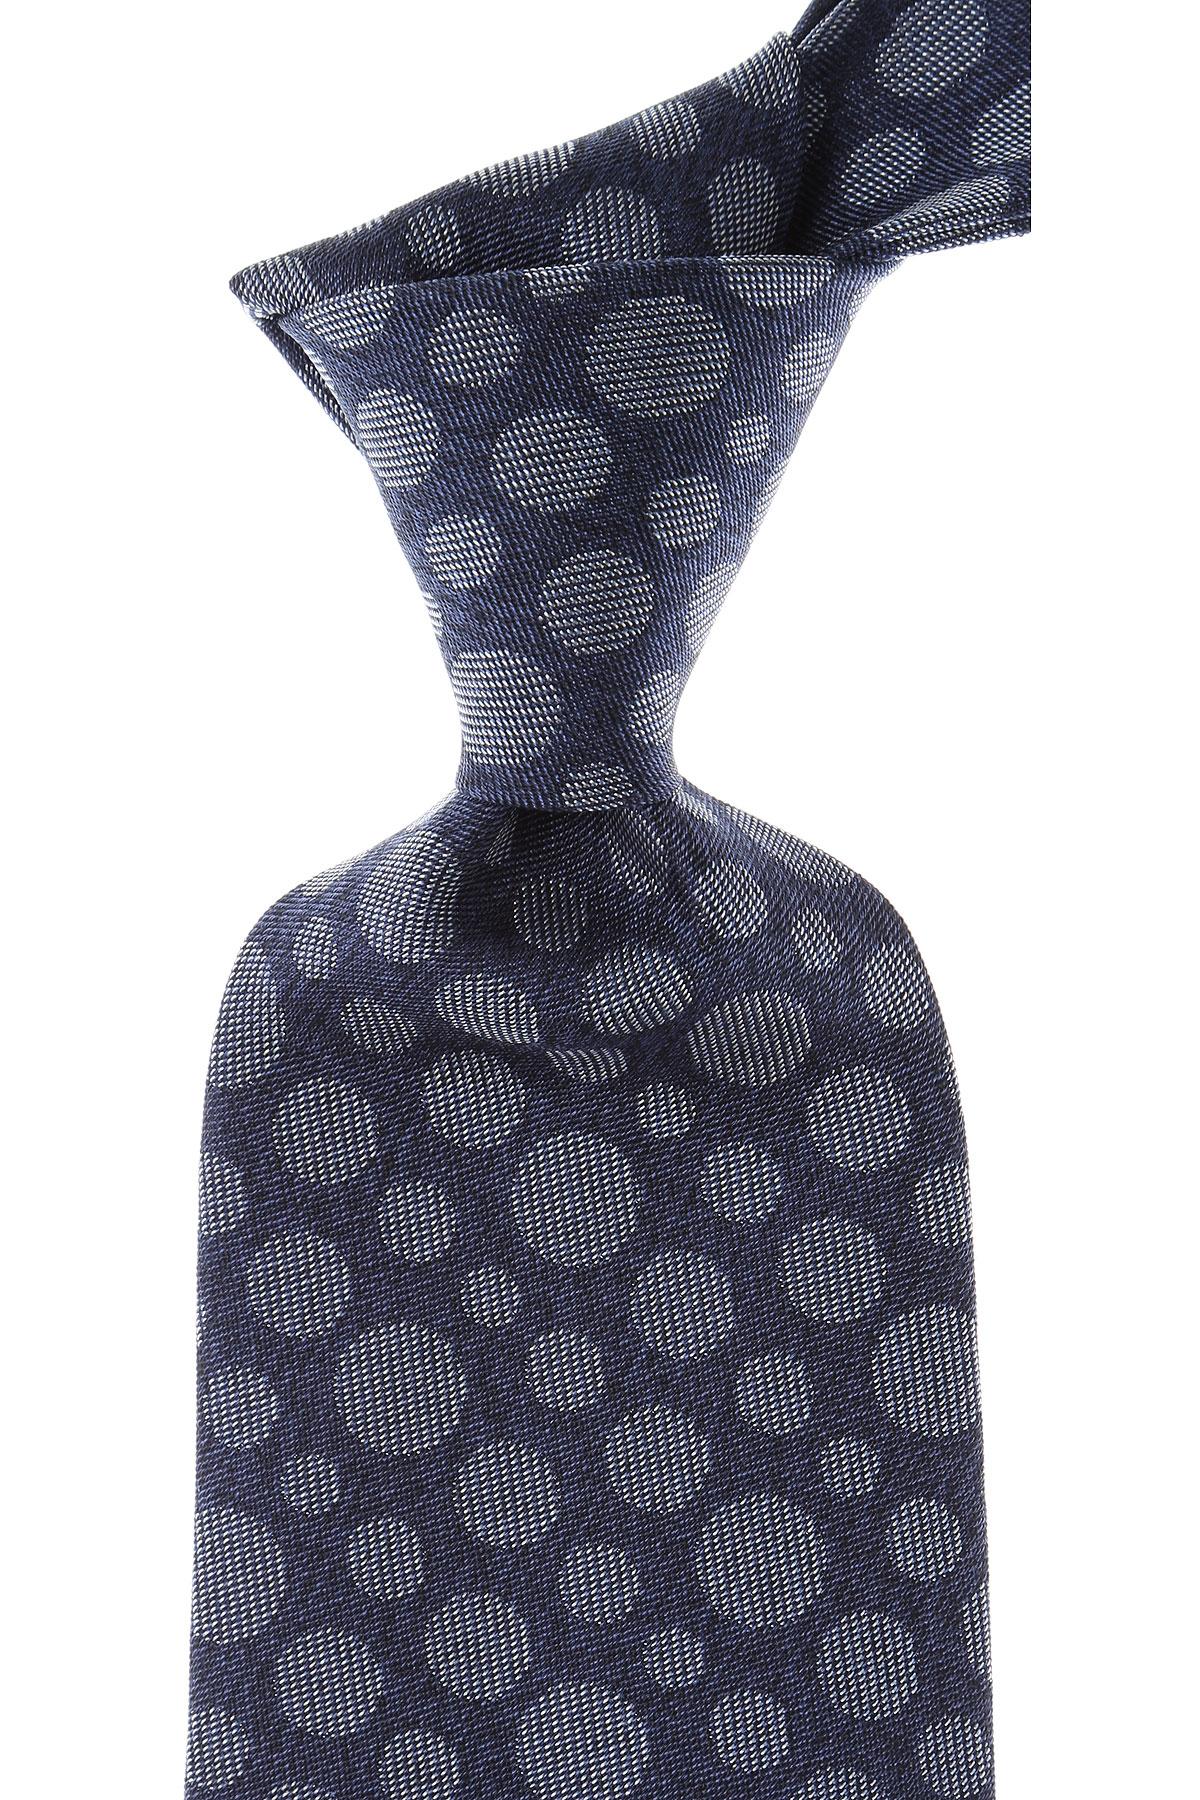 Vivienne Westwood Cravates Pas cher en Soldes, Bleu Mélange, Soie, 2019